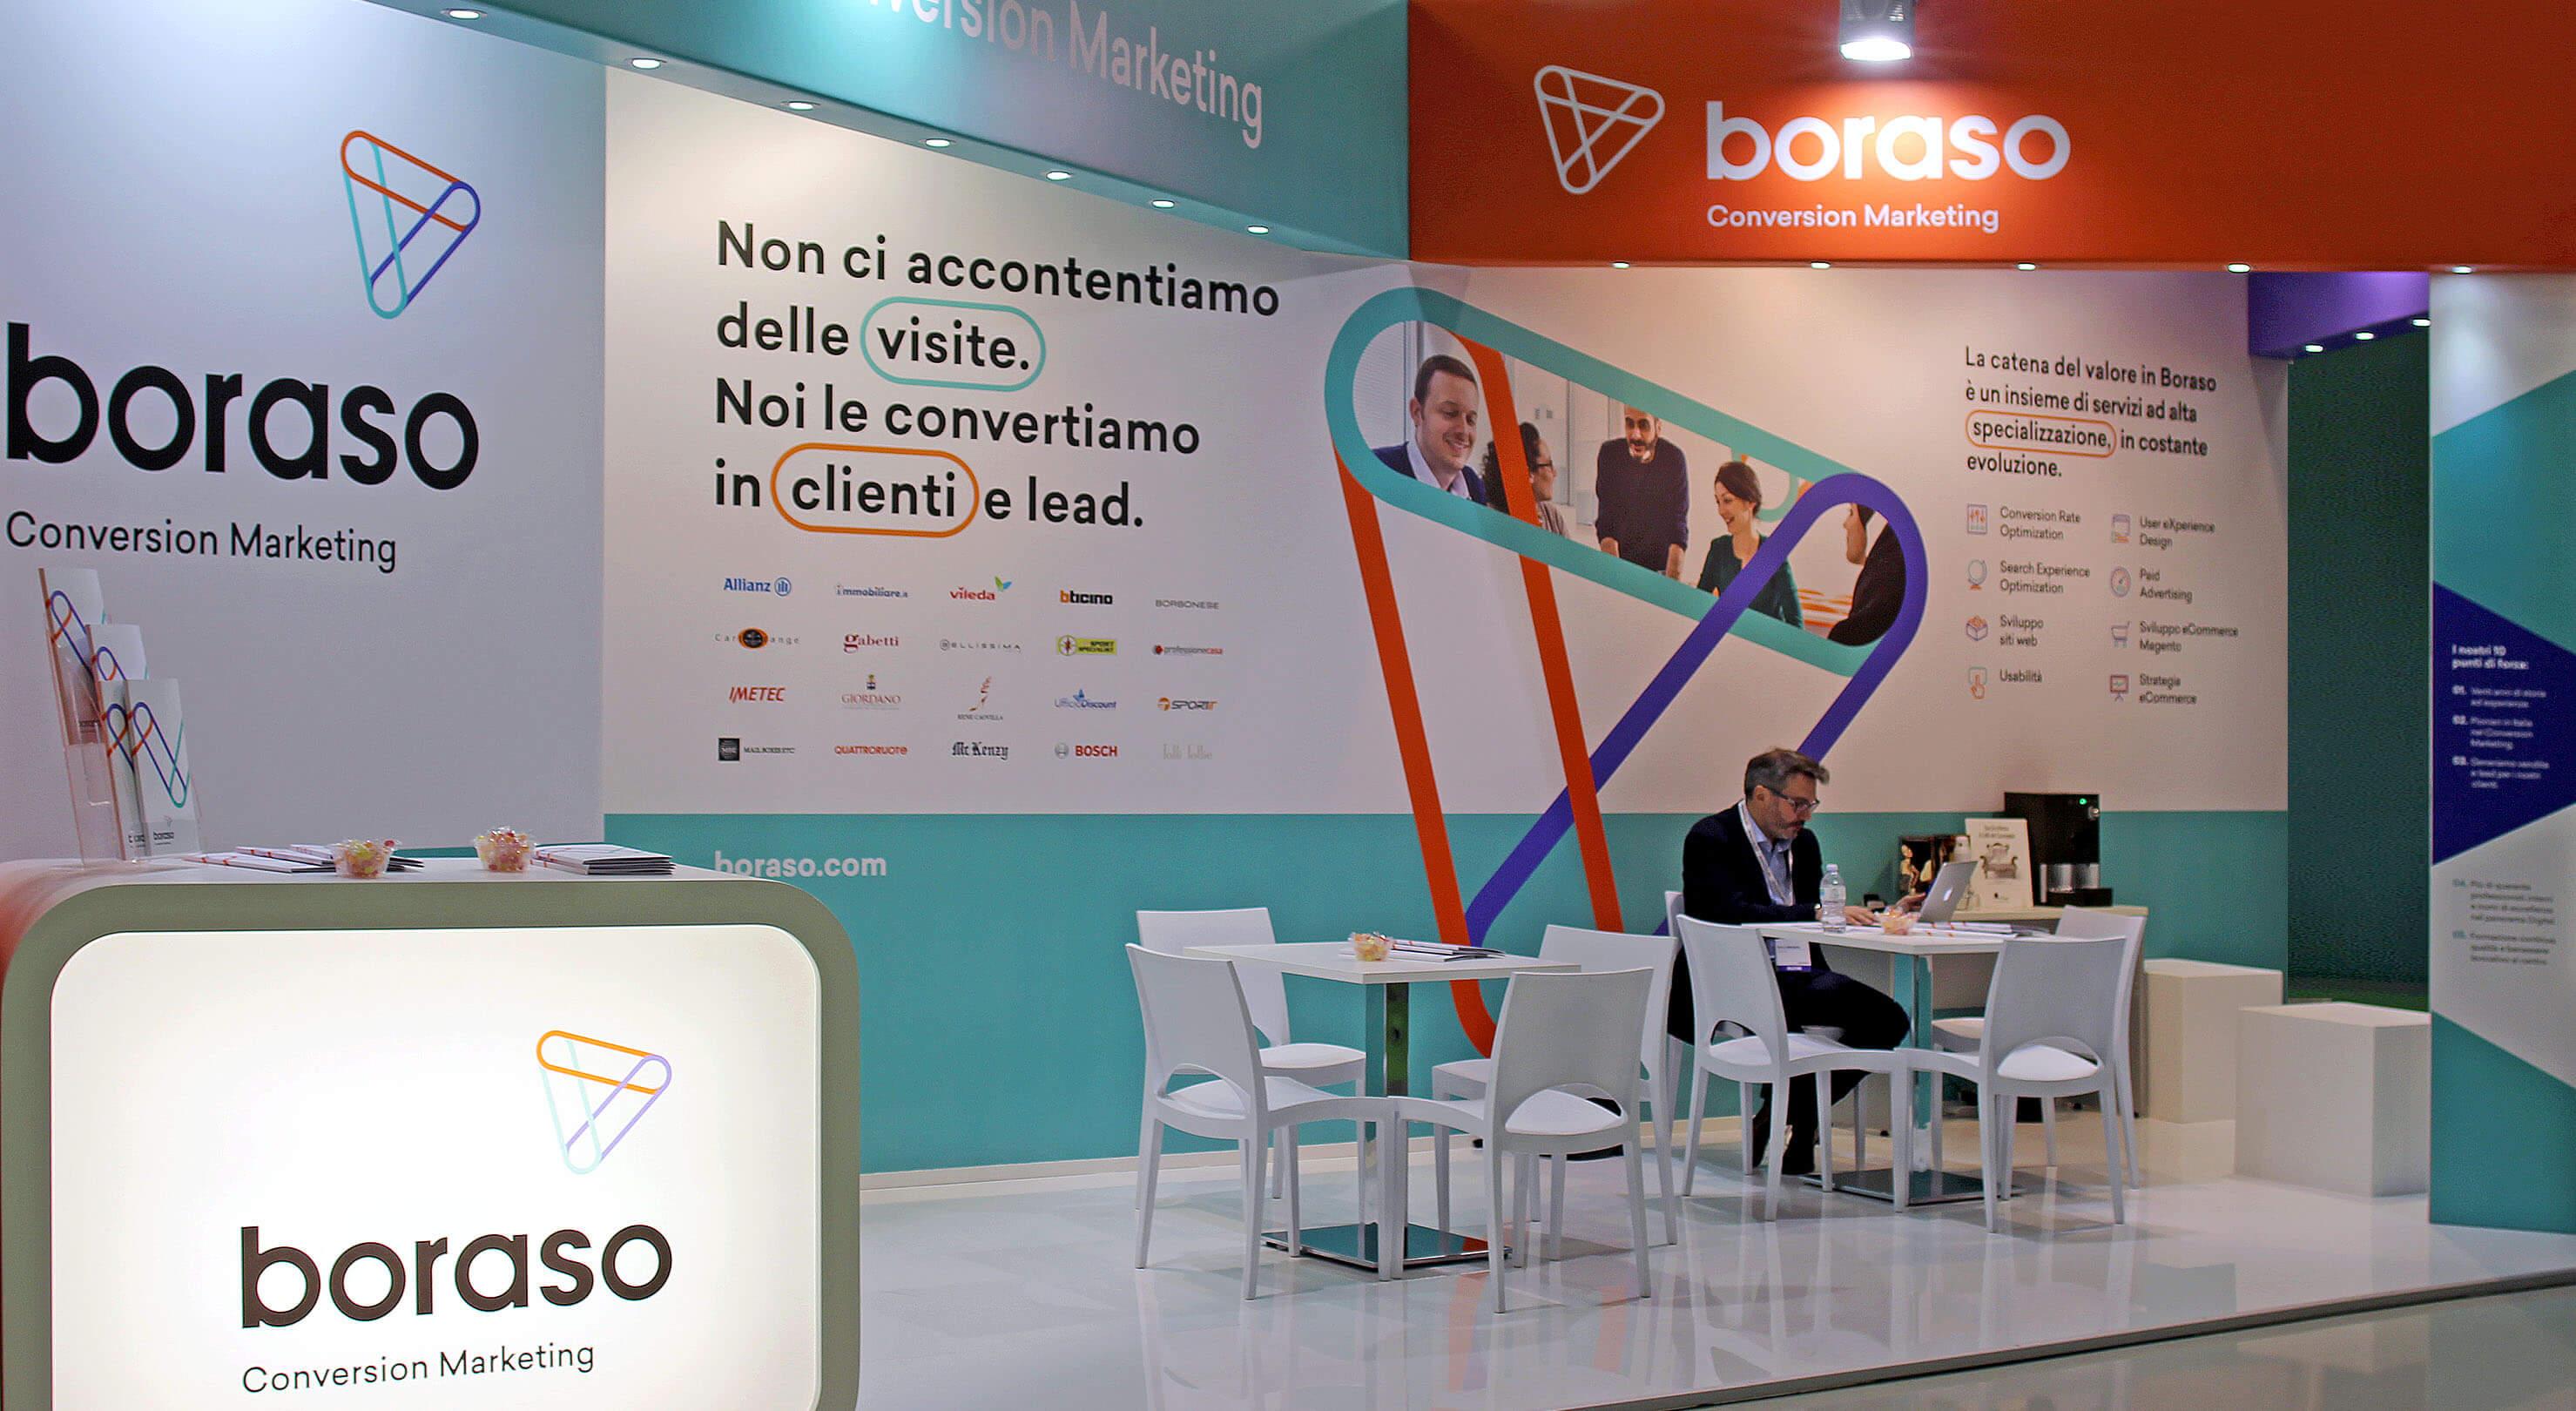 boraso-netcomm2016-cover